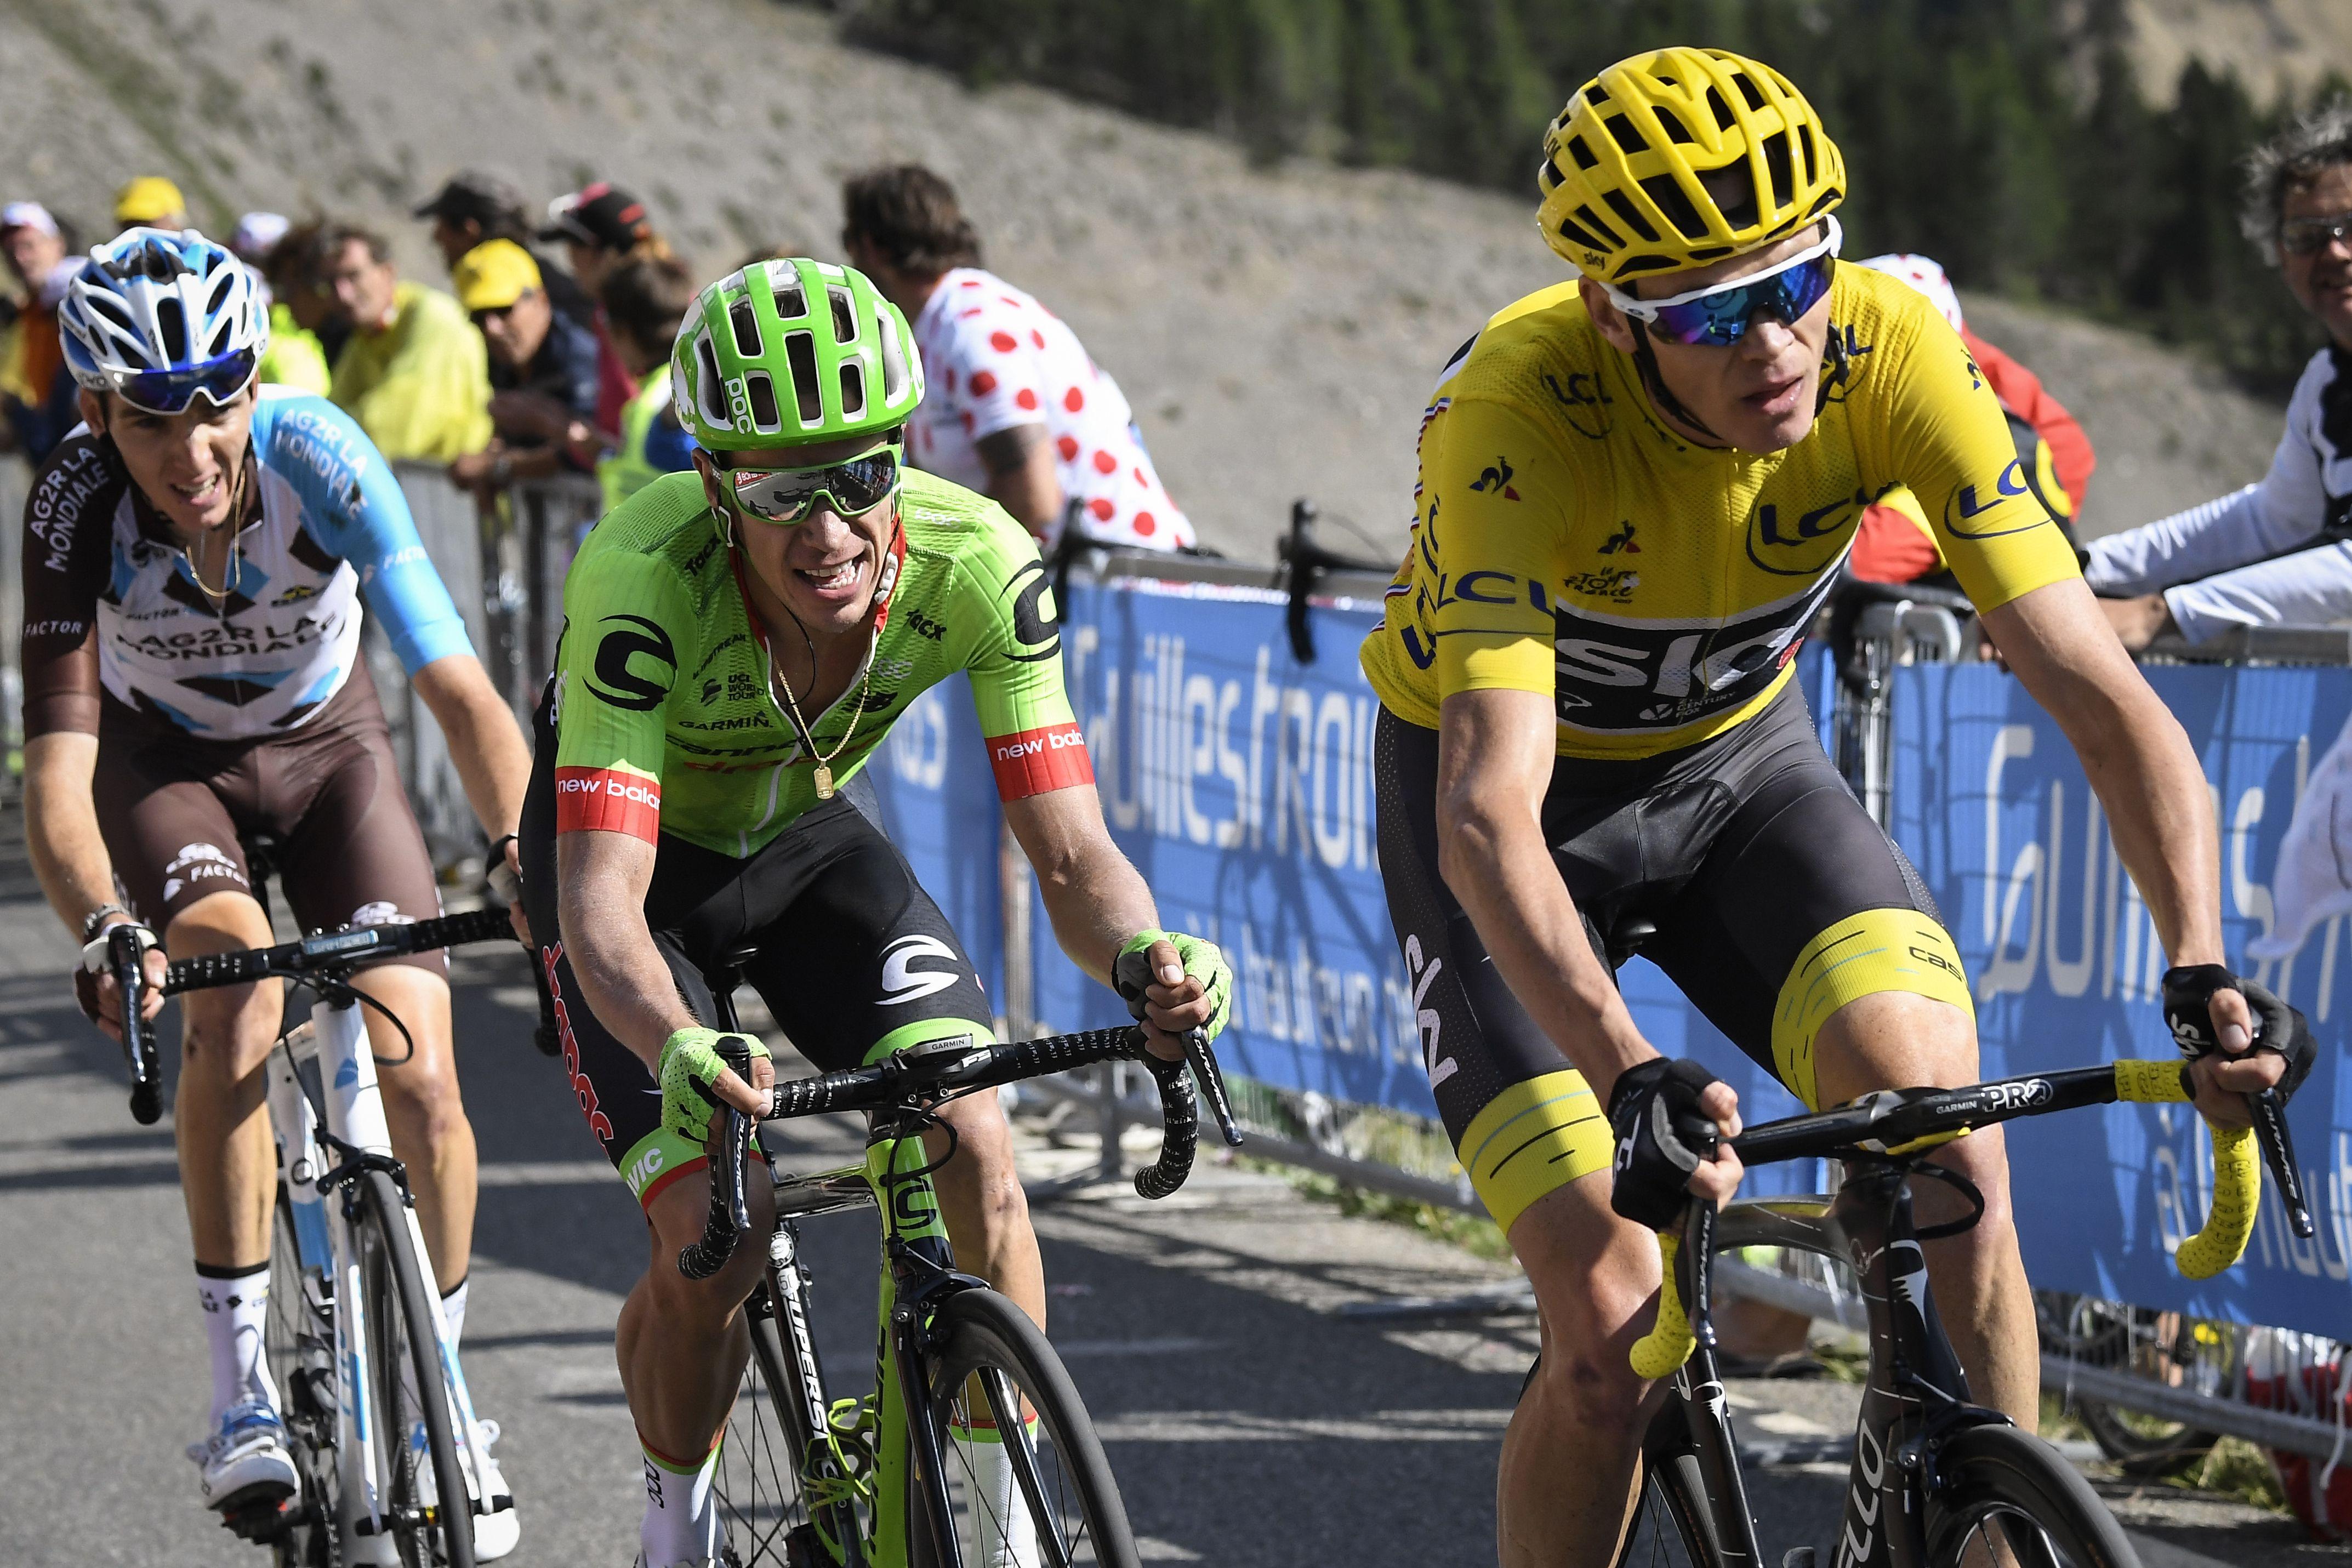 Cyclisme - Tour de France - Froome a muselé Bardet pour filer vers un quatrième sacre